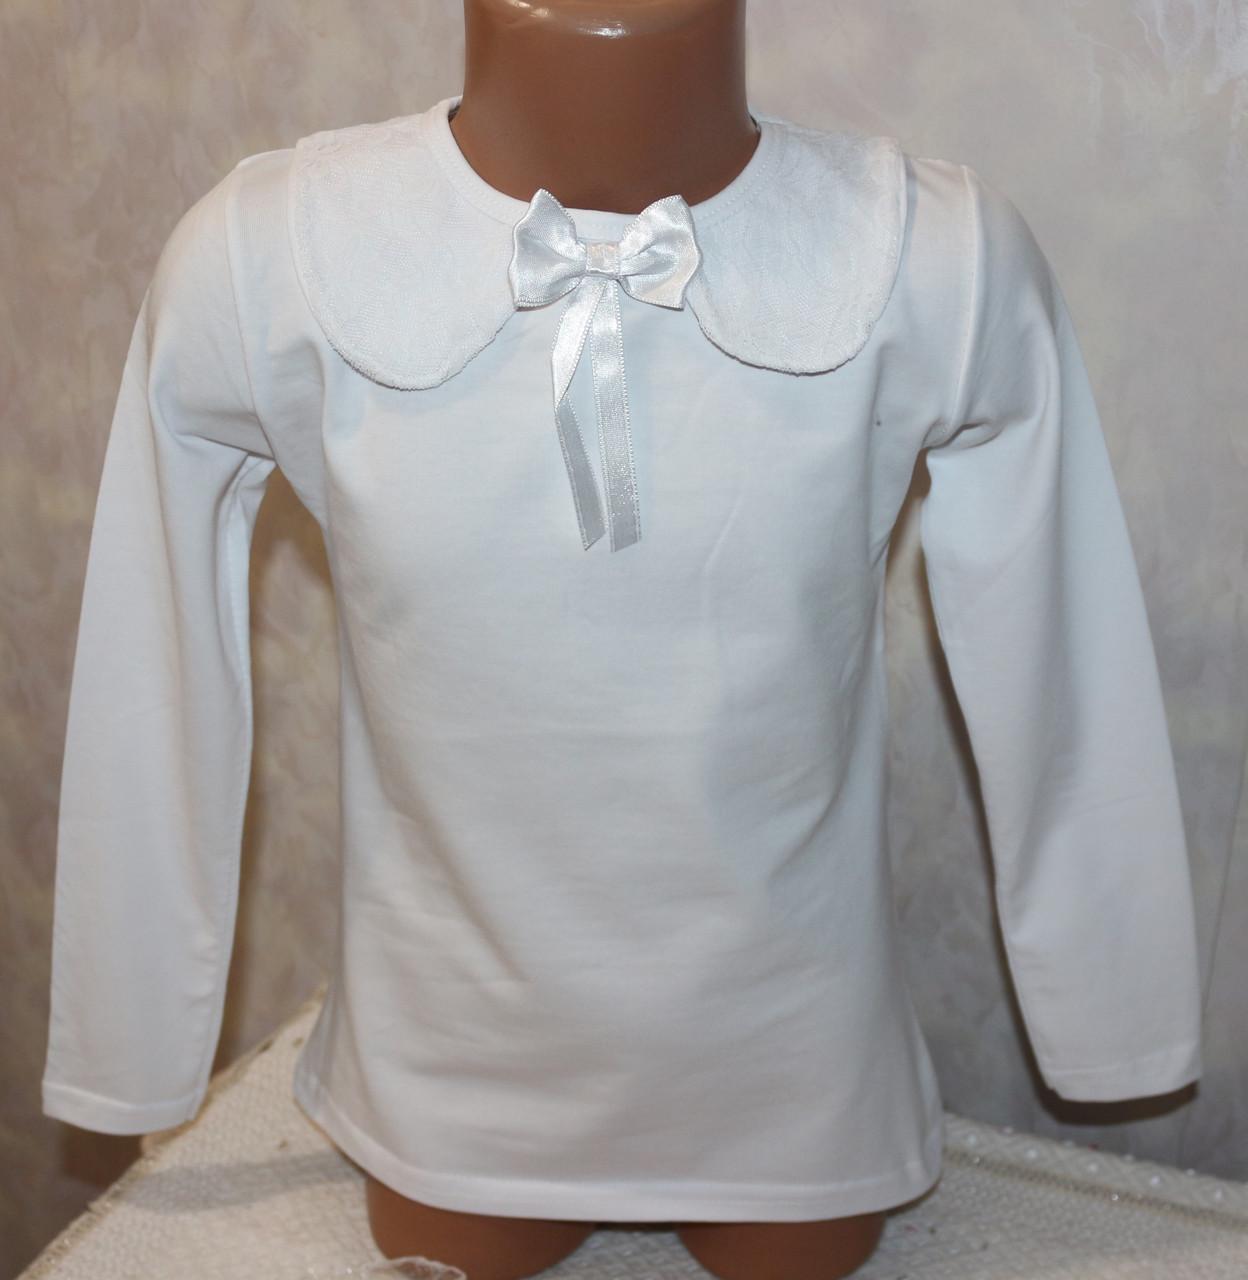 Кофта школьная нарядная на девочку Турция 6,8,10,12 лет 100 % хлопок цвет молочный